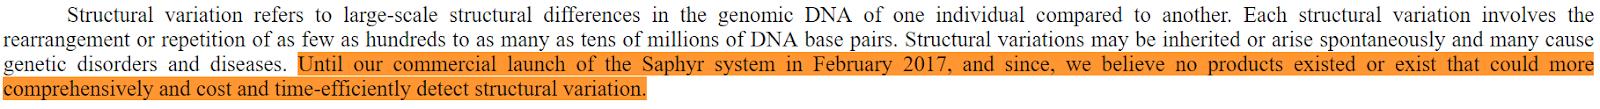 Bionano genomics ipo date